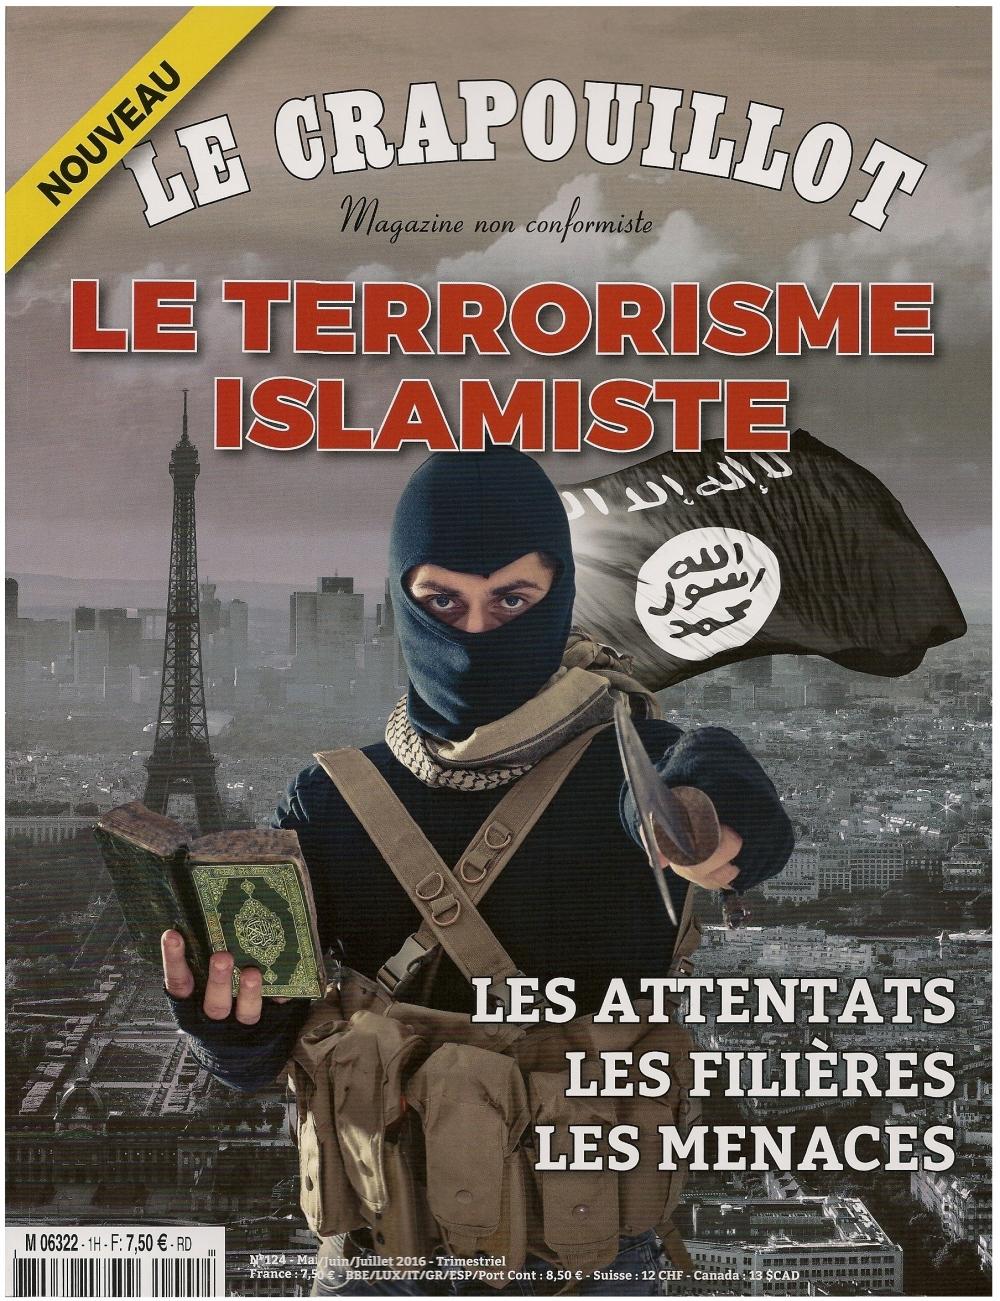 Ce premier numéro de mai/juin/juillet 2016 du magazine Le Crapouillot est consacré au dossier brûlant du terrorisme islamiste.